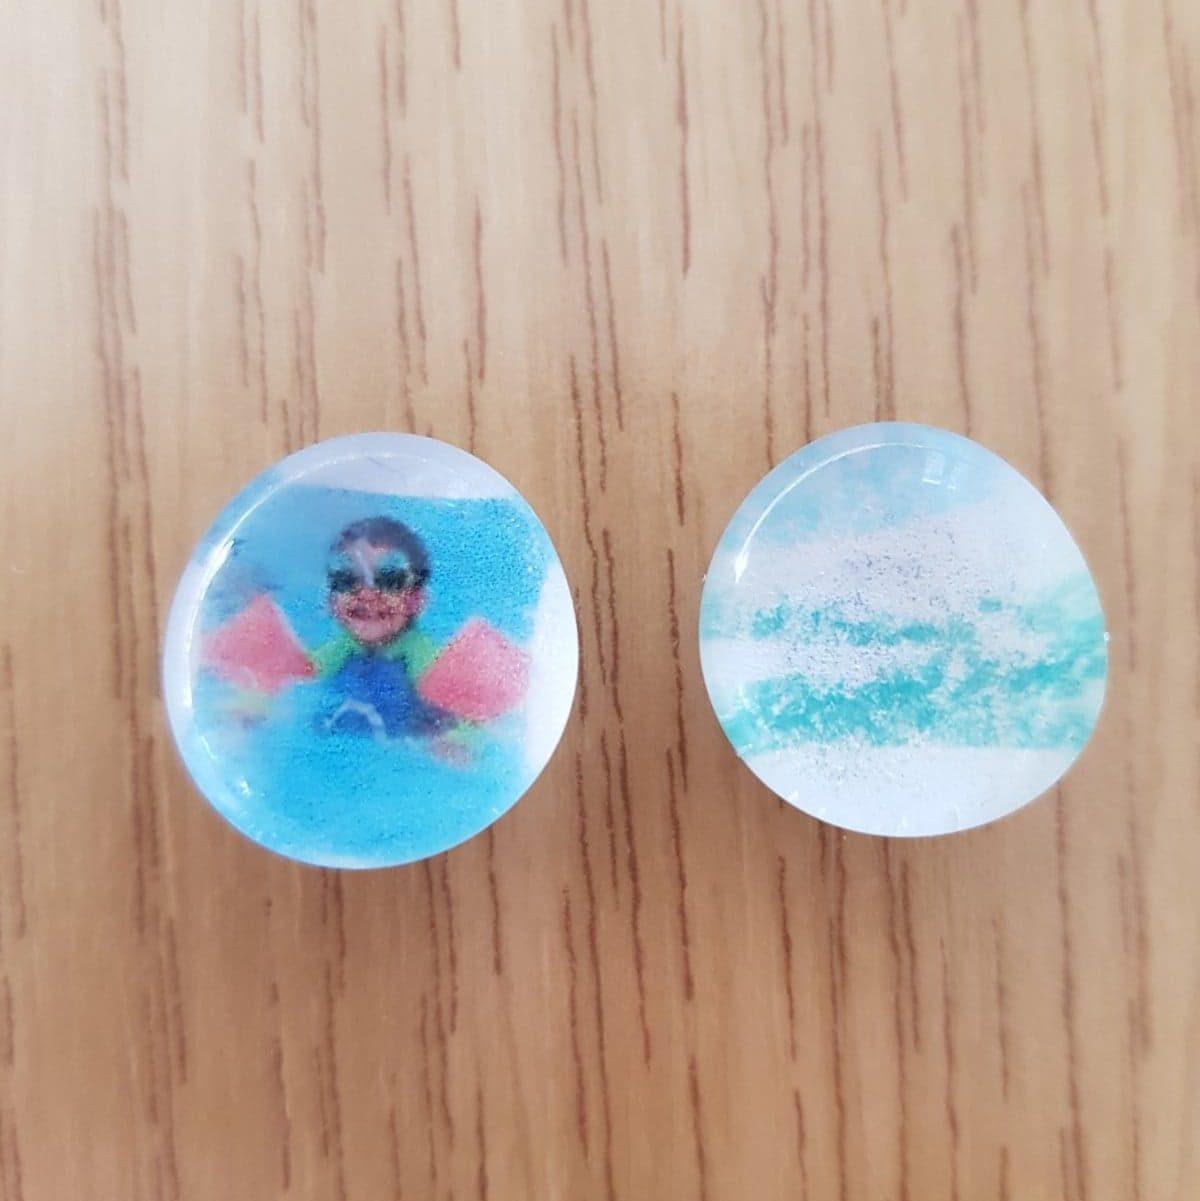 Zum Muttertag passen die süssen Magnete mit Fotos wunderbar.